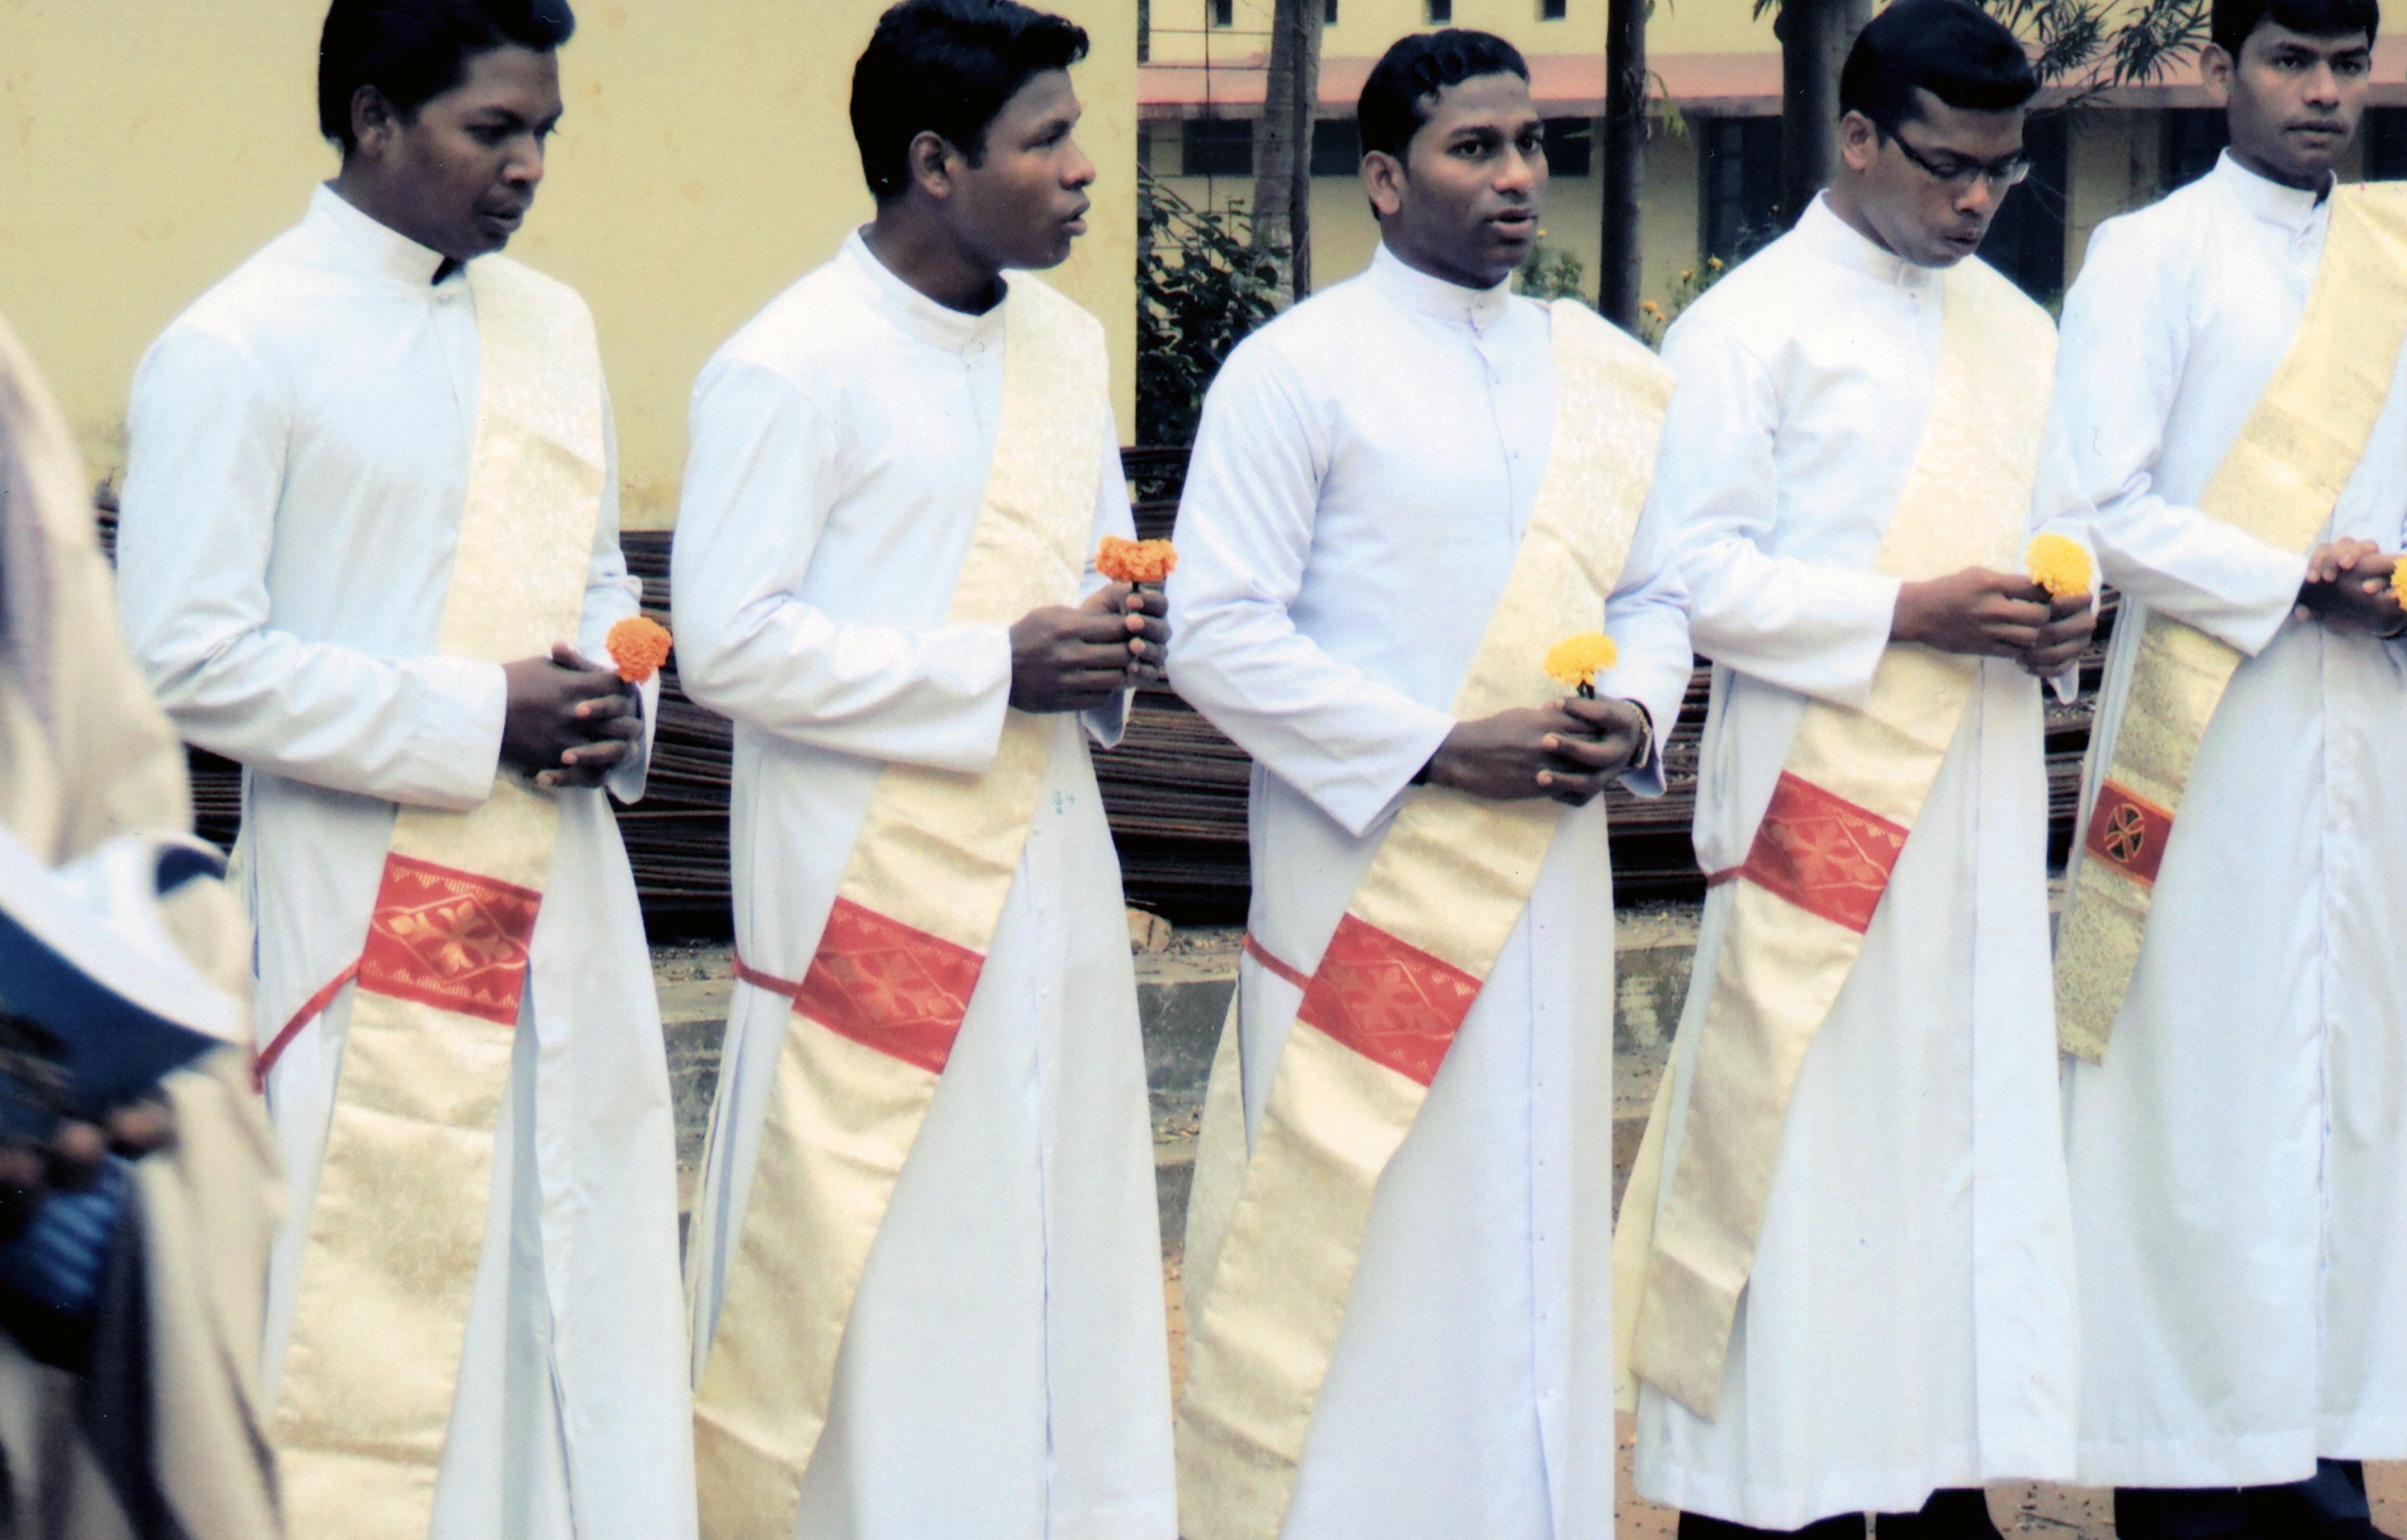 Proyecto: Ayuda a la formación para 31 futuros sacerdotes en la India